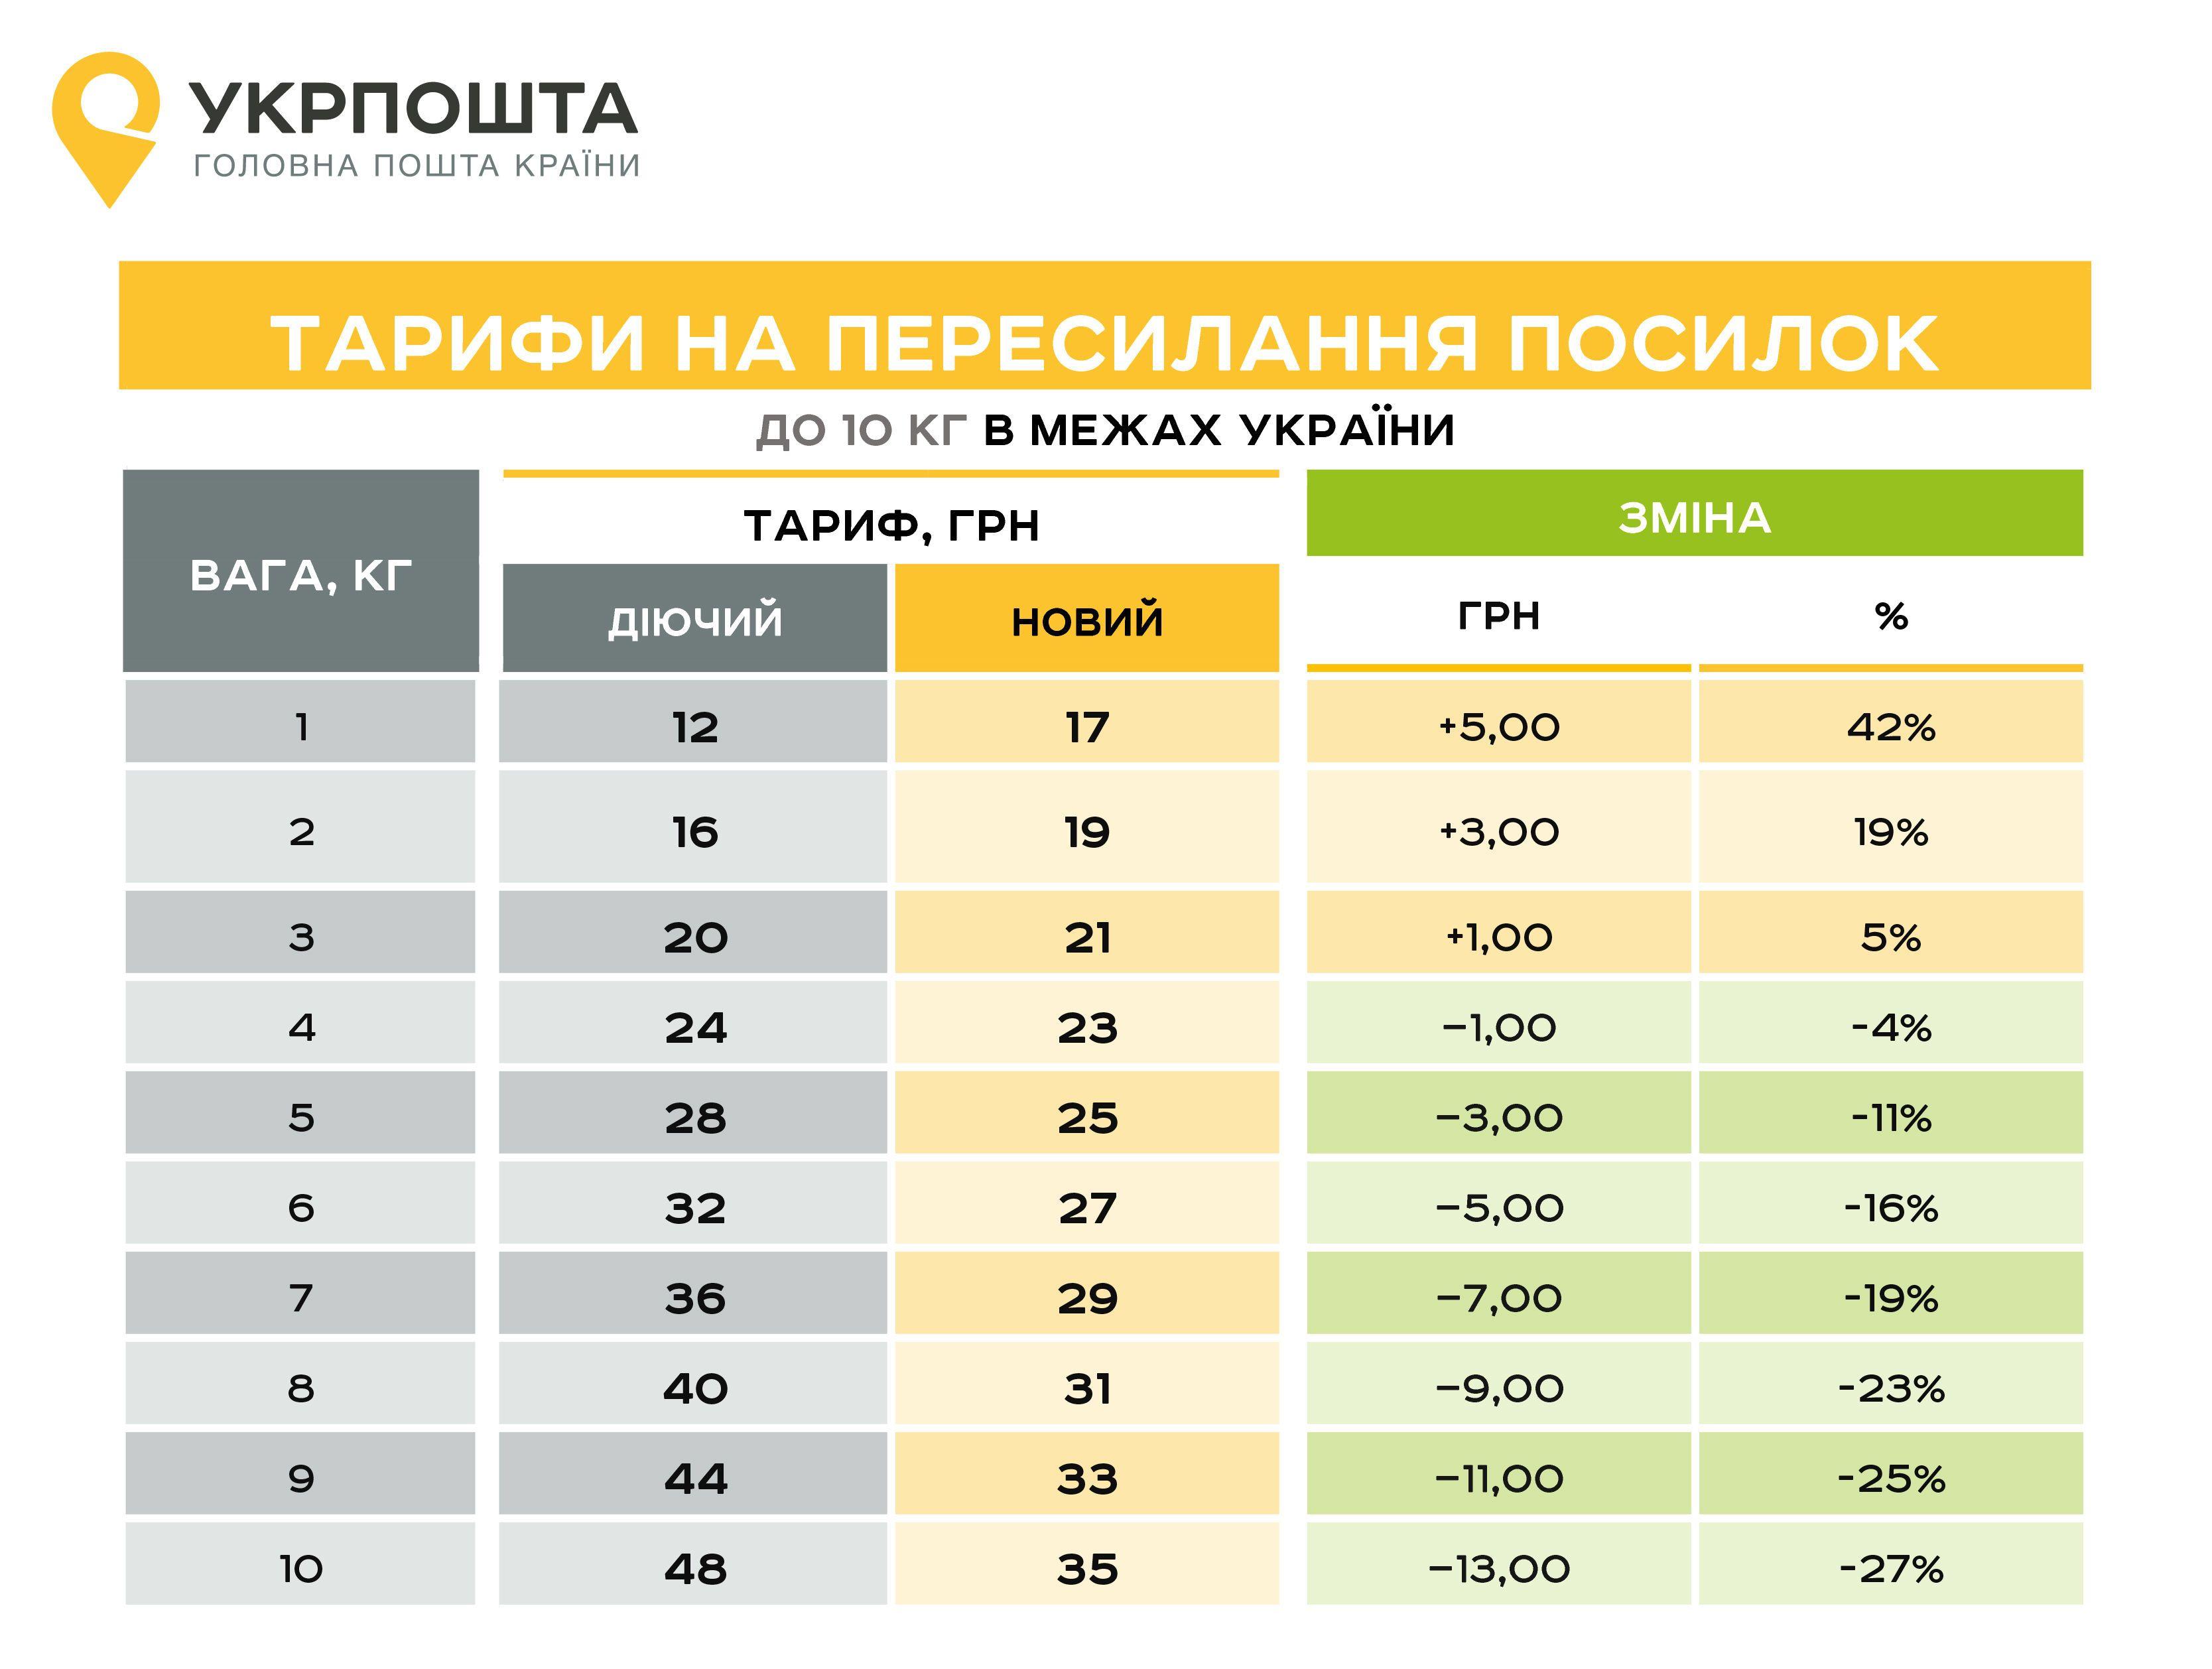 Тарифы в предалах Украины до 10 кг